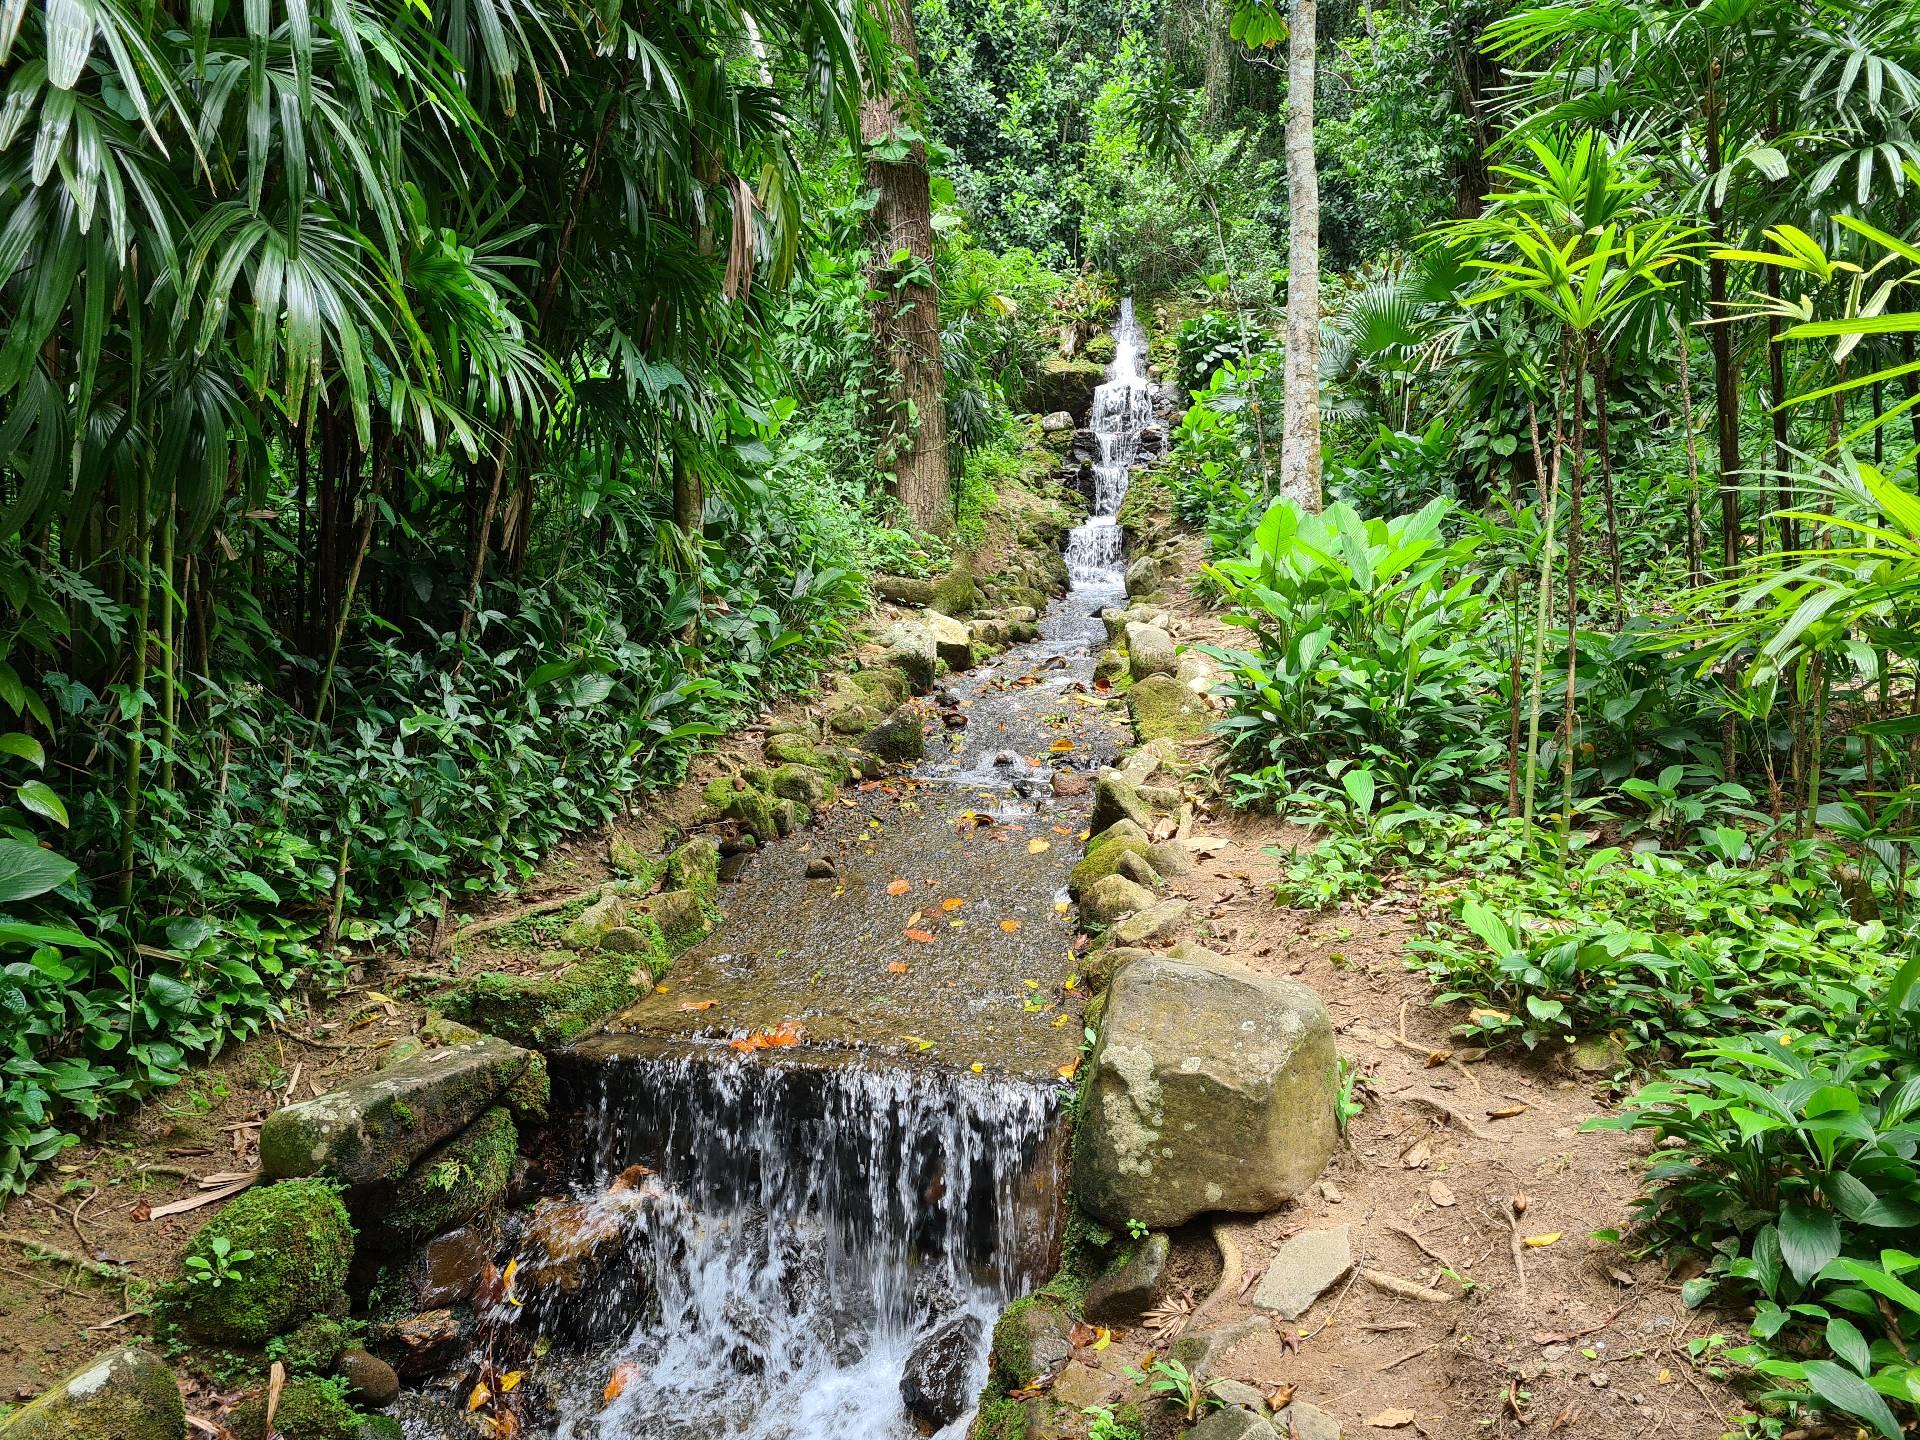 искусственный водопад в ботаническом саду Рио-де-Жанейро